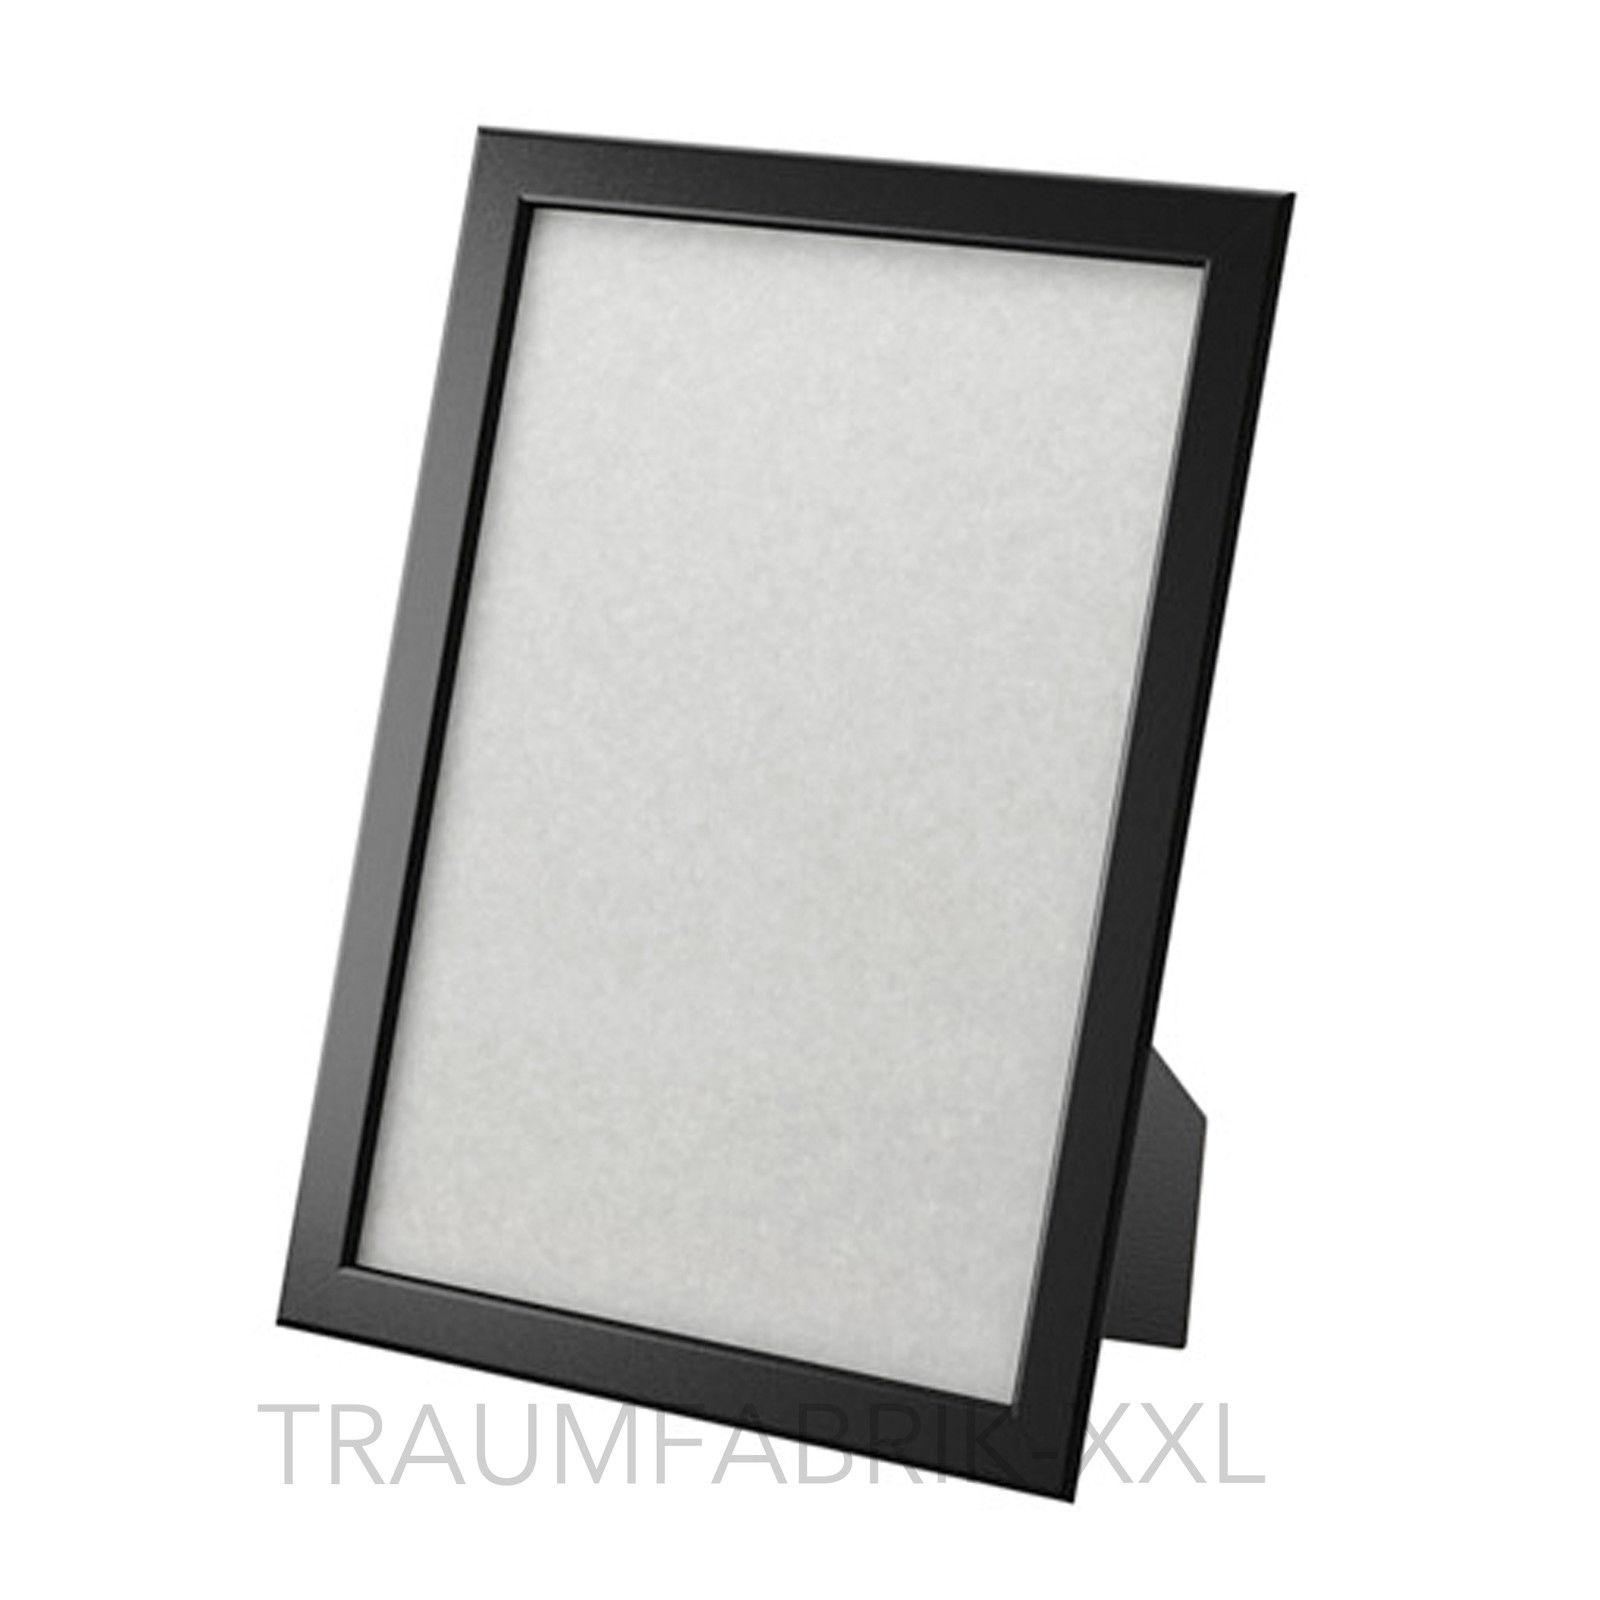 Ikea Fotorahmen ikea fiskbo bilderrahmen fotorahmen einrahmung schwarz 21 30 cm